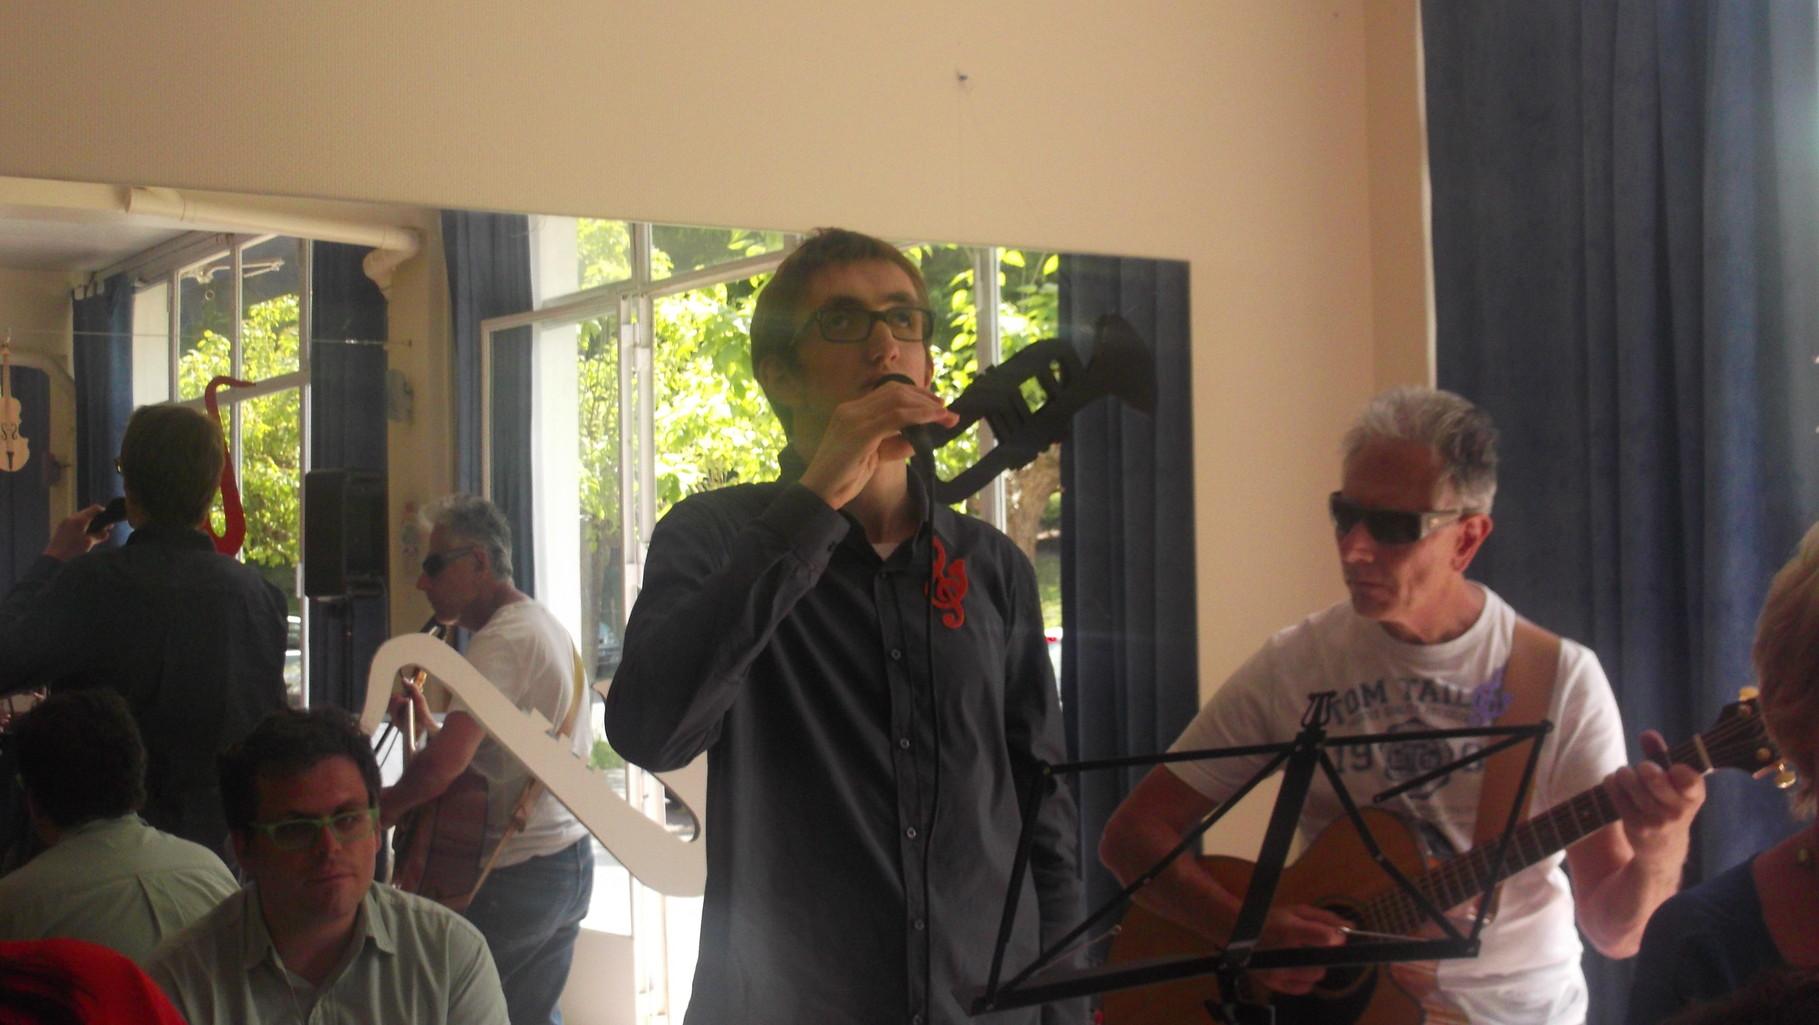 Simon chante accompagné de Patrick et Jacques à la guitare